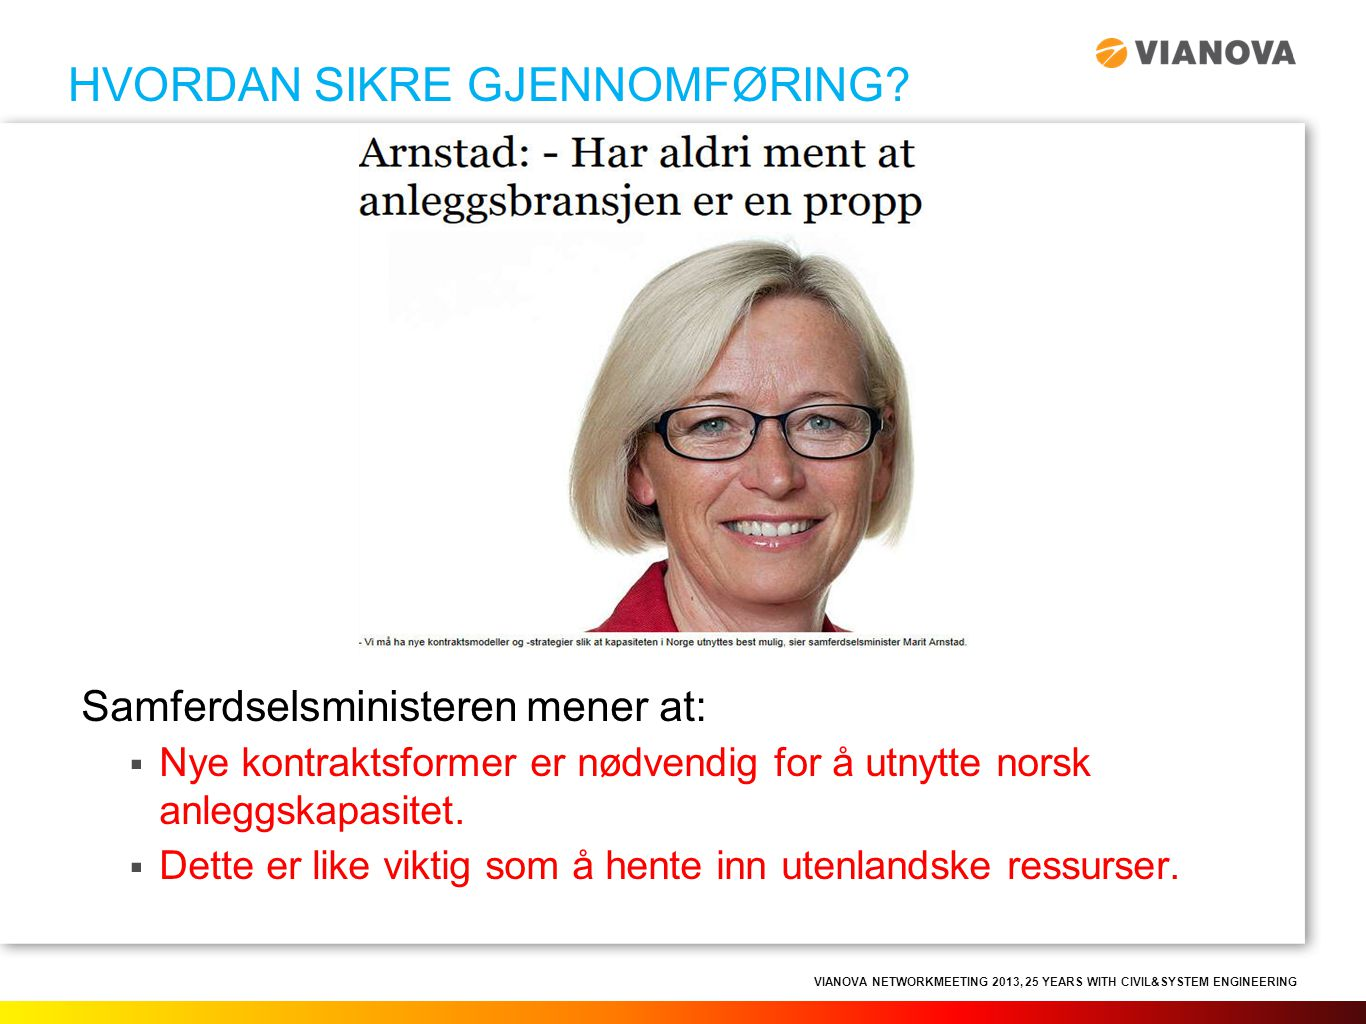 VIANOVA NETWORKMEETING 2013, 25 YEARS WITH CIVIL&SYSTEM ENGINEERING Samferdselsministeren mener at:  Nye kontraktsformer er nødvendig for å utnytte n